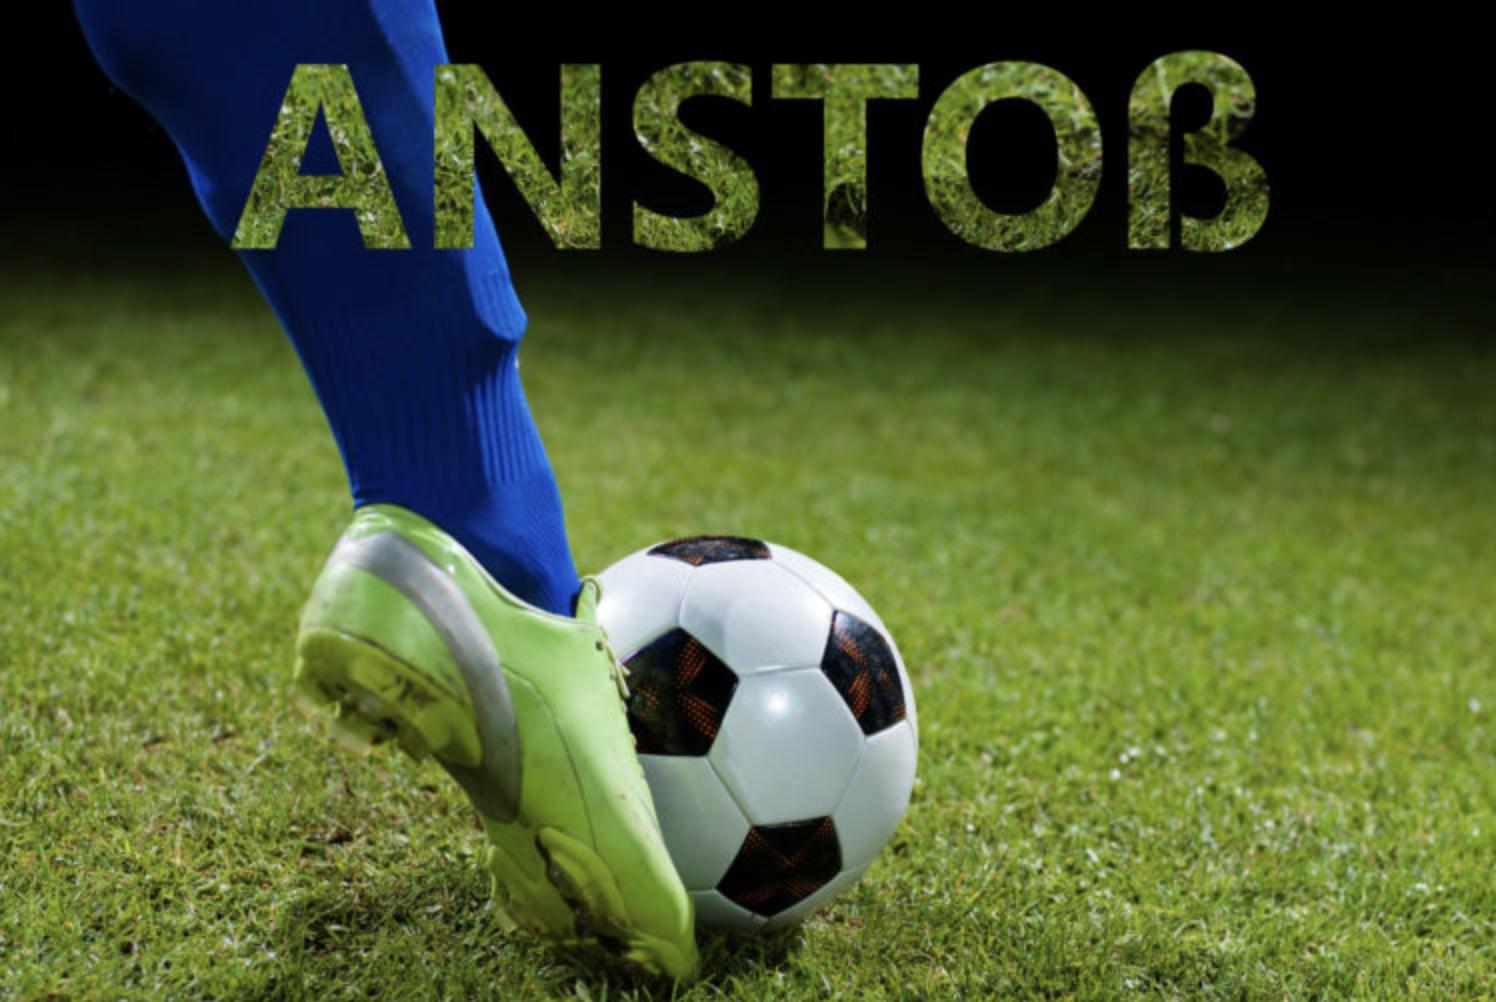 SG verliert in Hohensolms klar mit 5:0